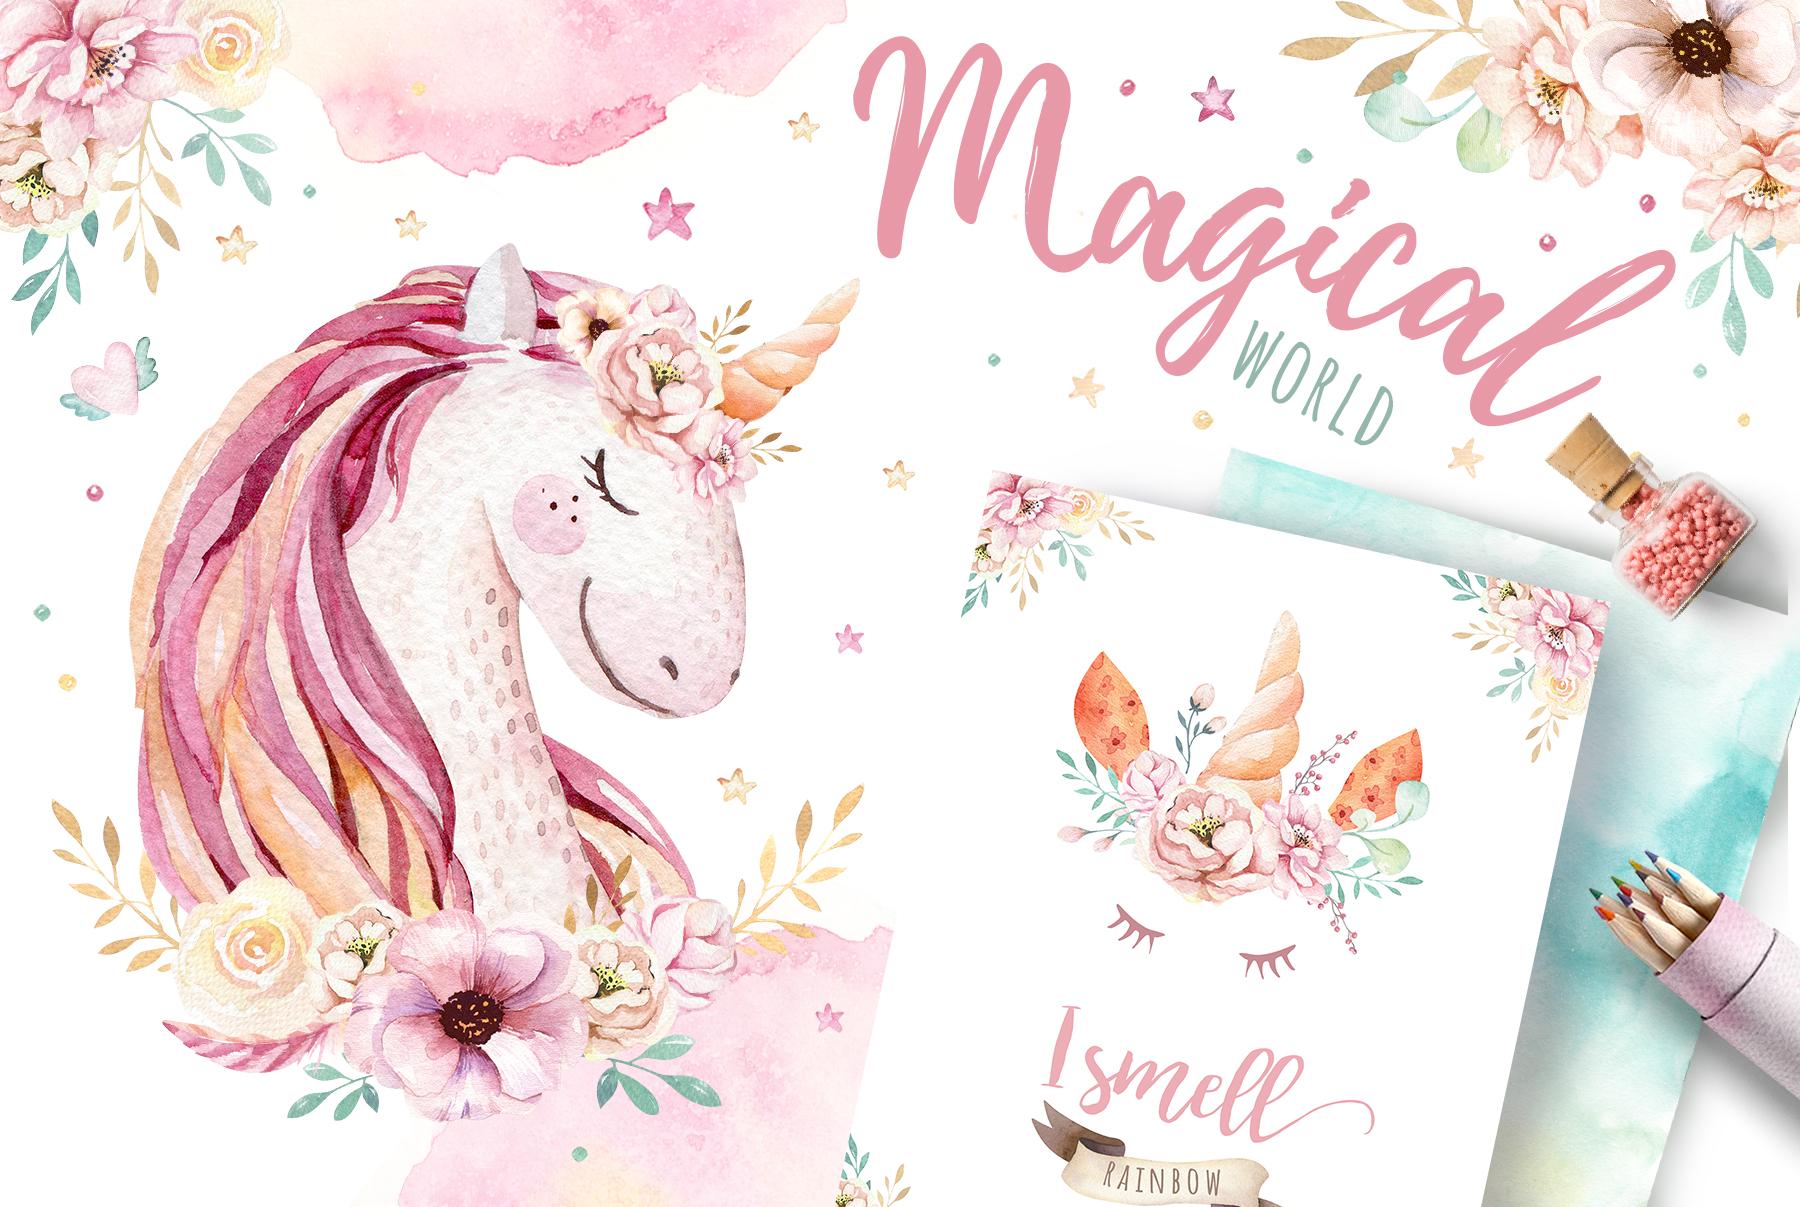 Magical world III example image 1